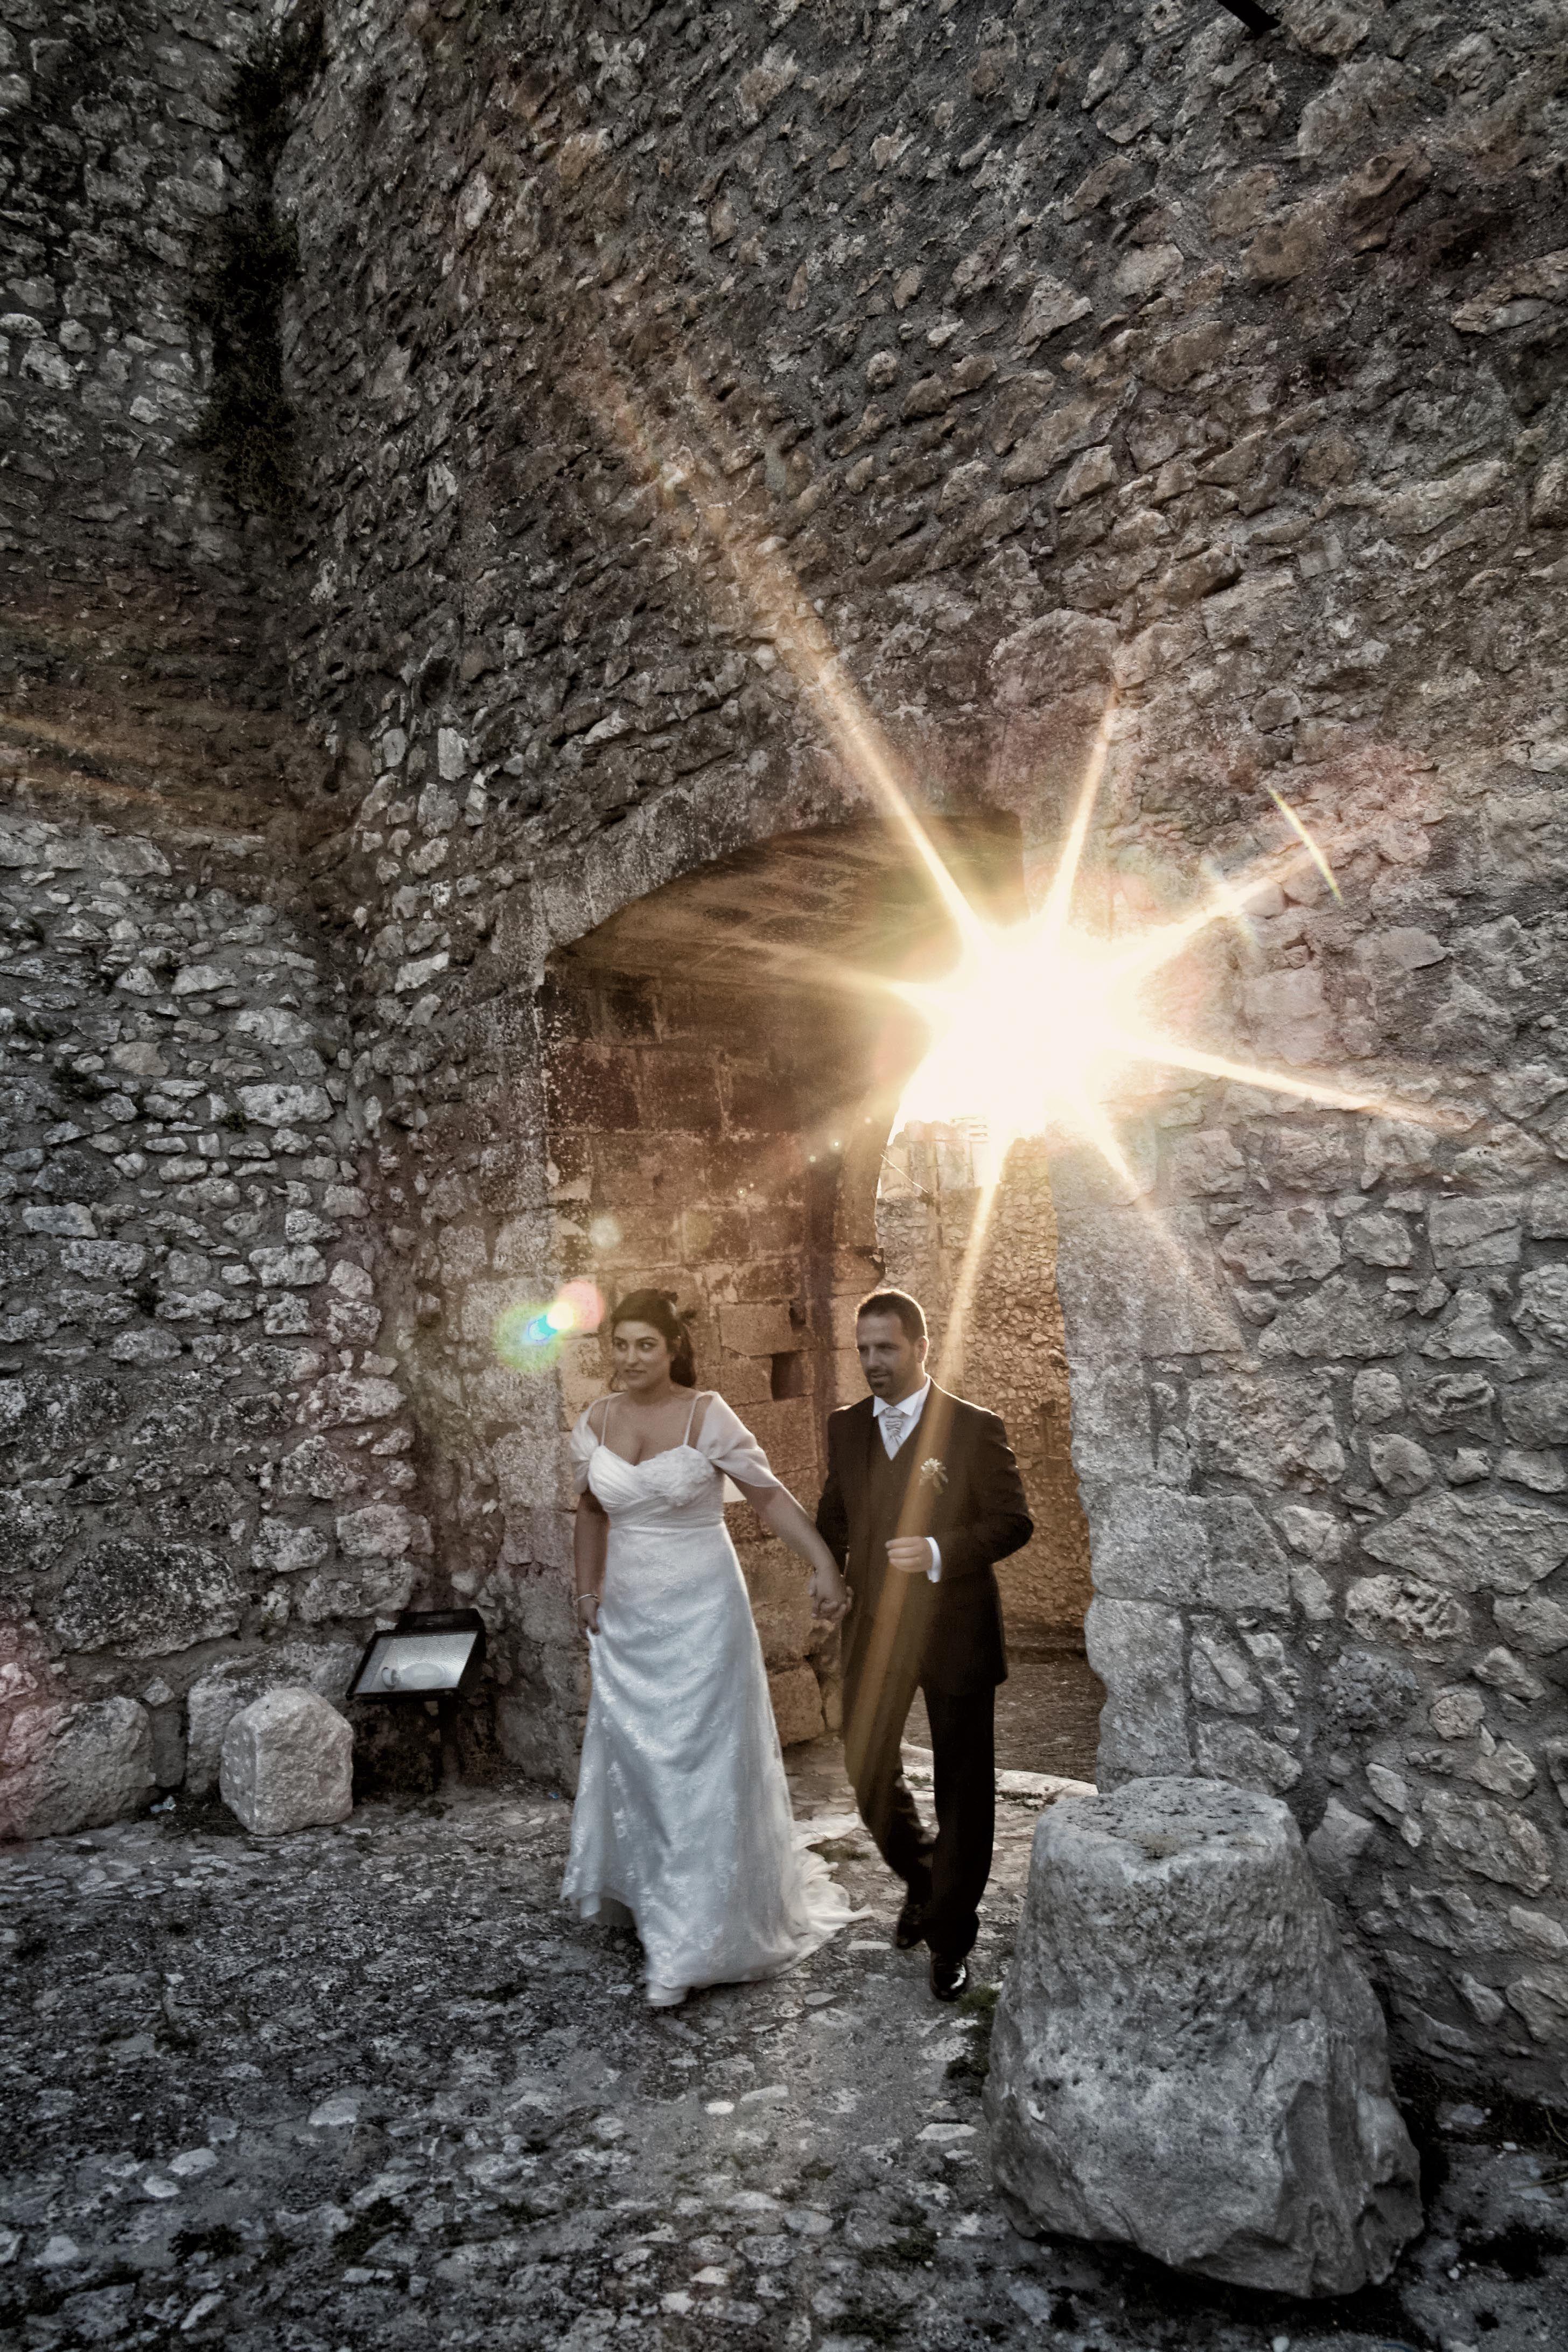 Caporciano Castle (L'Aquila) - Flare